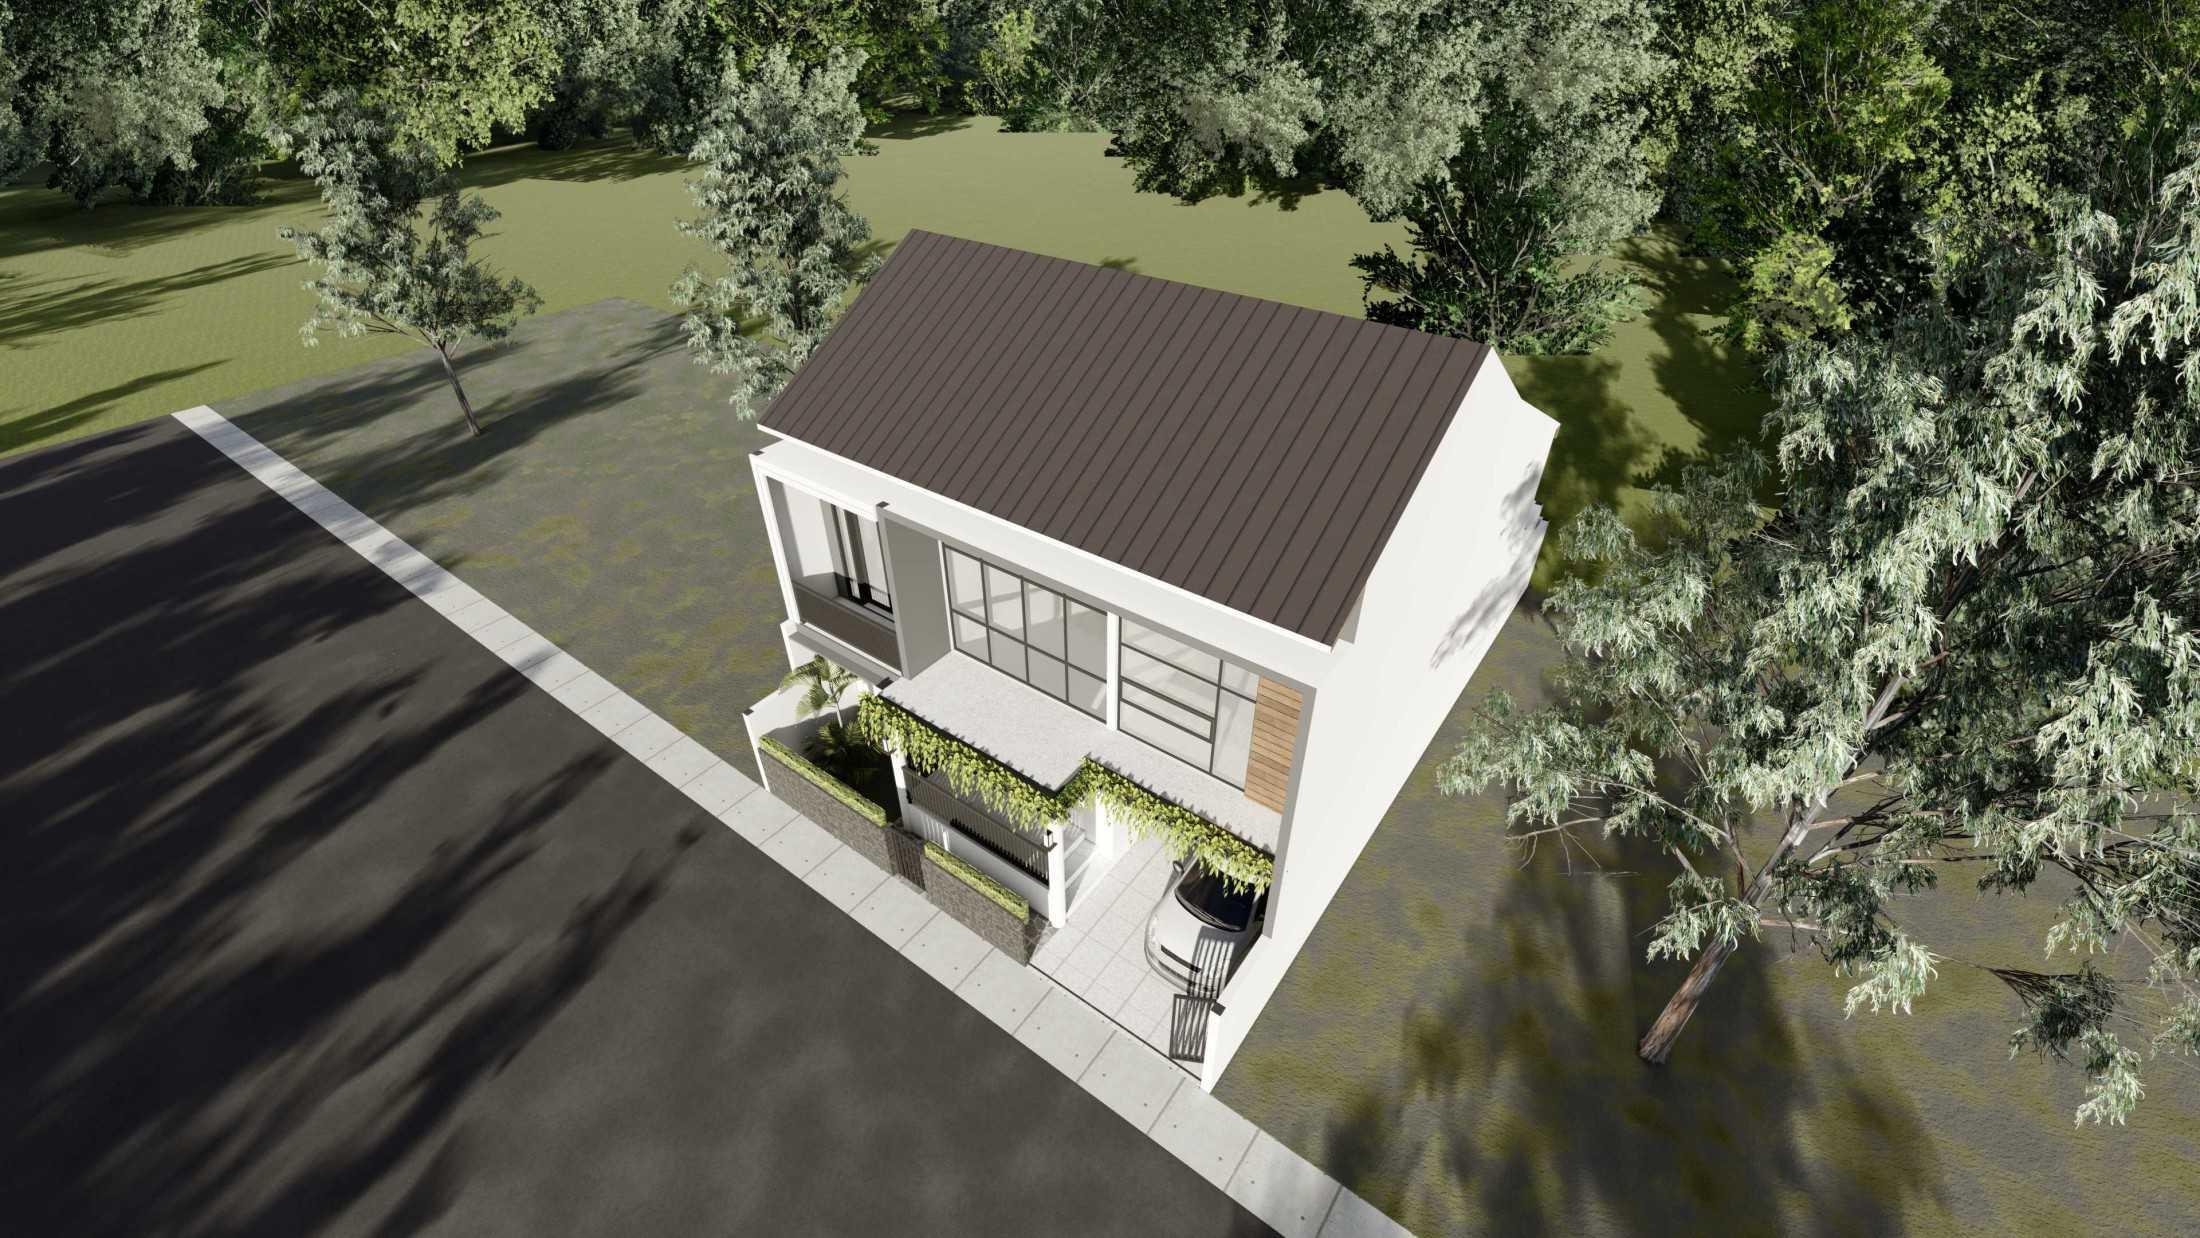 Astabumi Studio Ws House Slawi Tegal, Kota Tegal, Jawa Tengah, Indonesia Padang Cv-Astabumi-Manunggal-Prakarsa-Rumah-2-Lantai-Modern-Lokal  119355